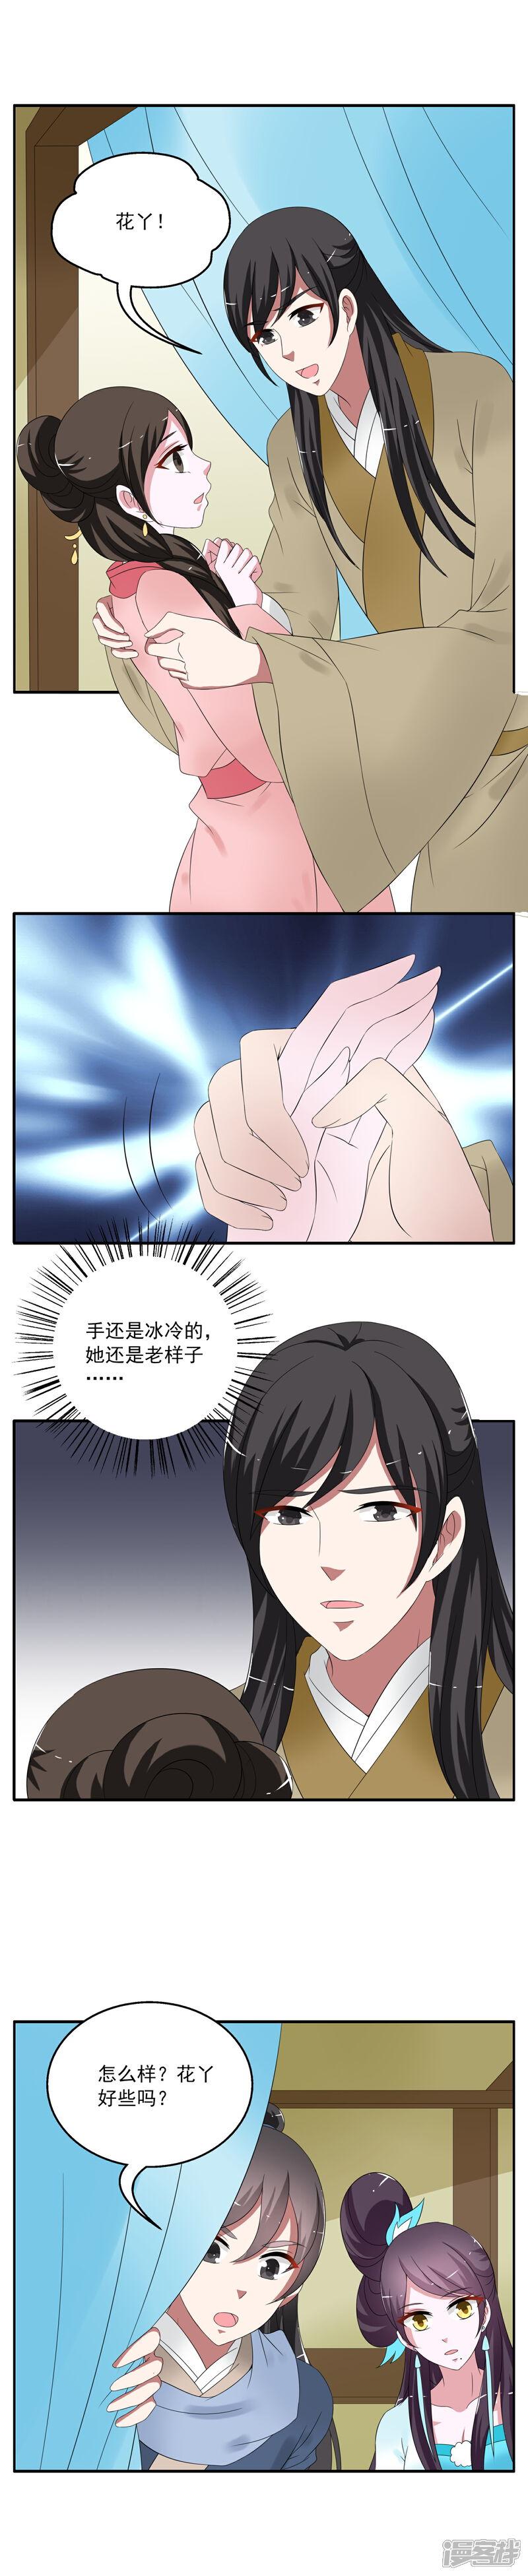 洛小妖171 (2).JPG